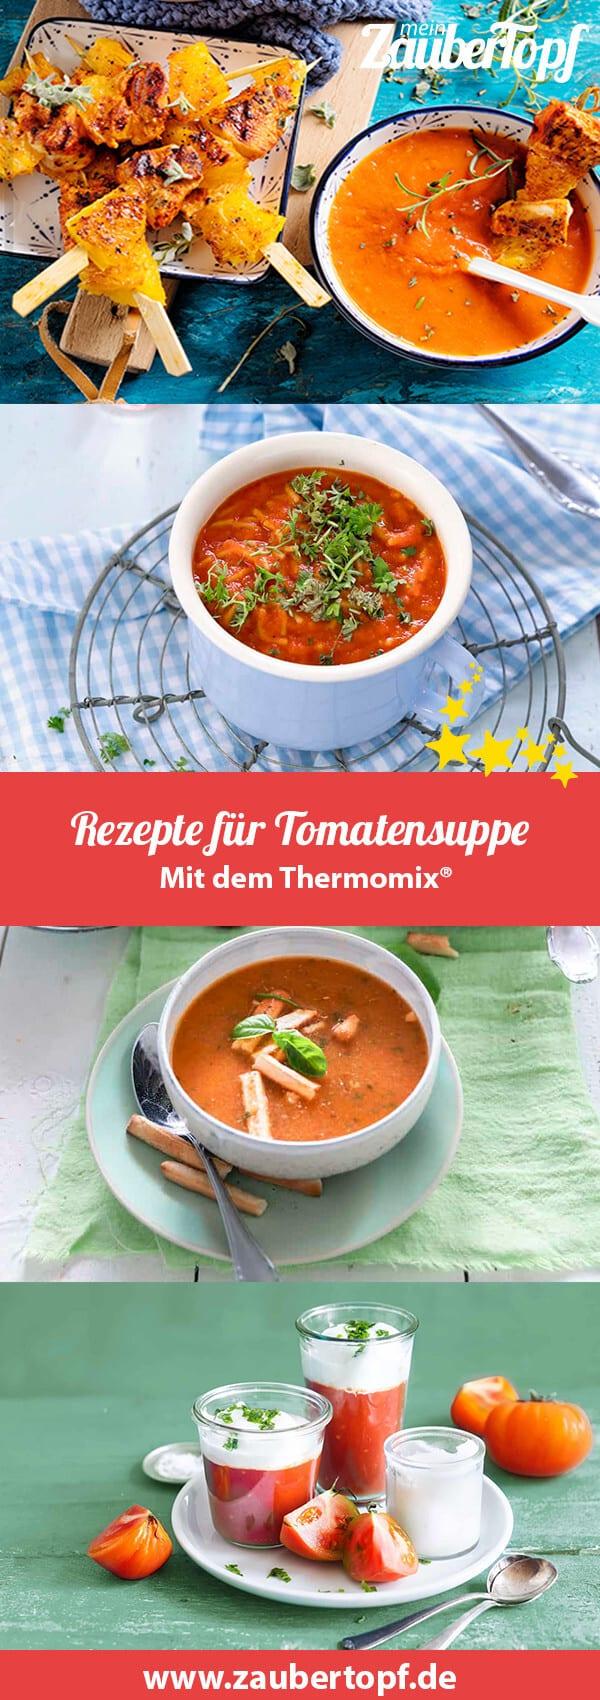 Tomatensuppe mit dem Thermomix® – Foto: Tina Bumann, Frauke Antholz, Ira Leoni